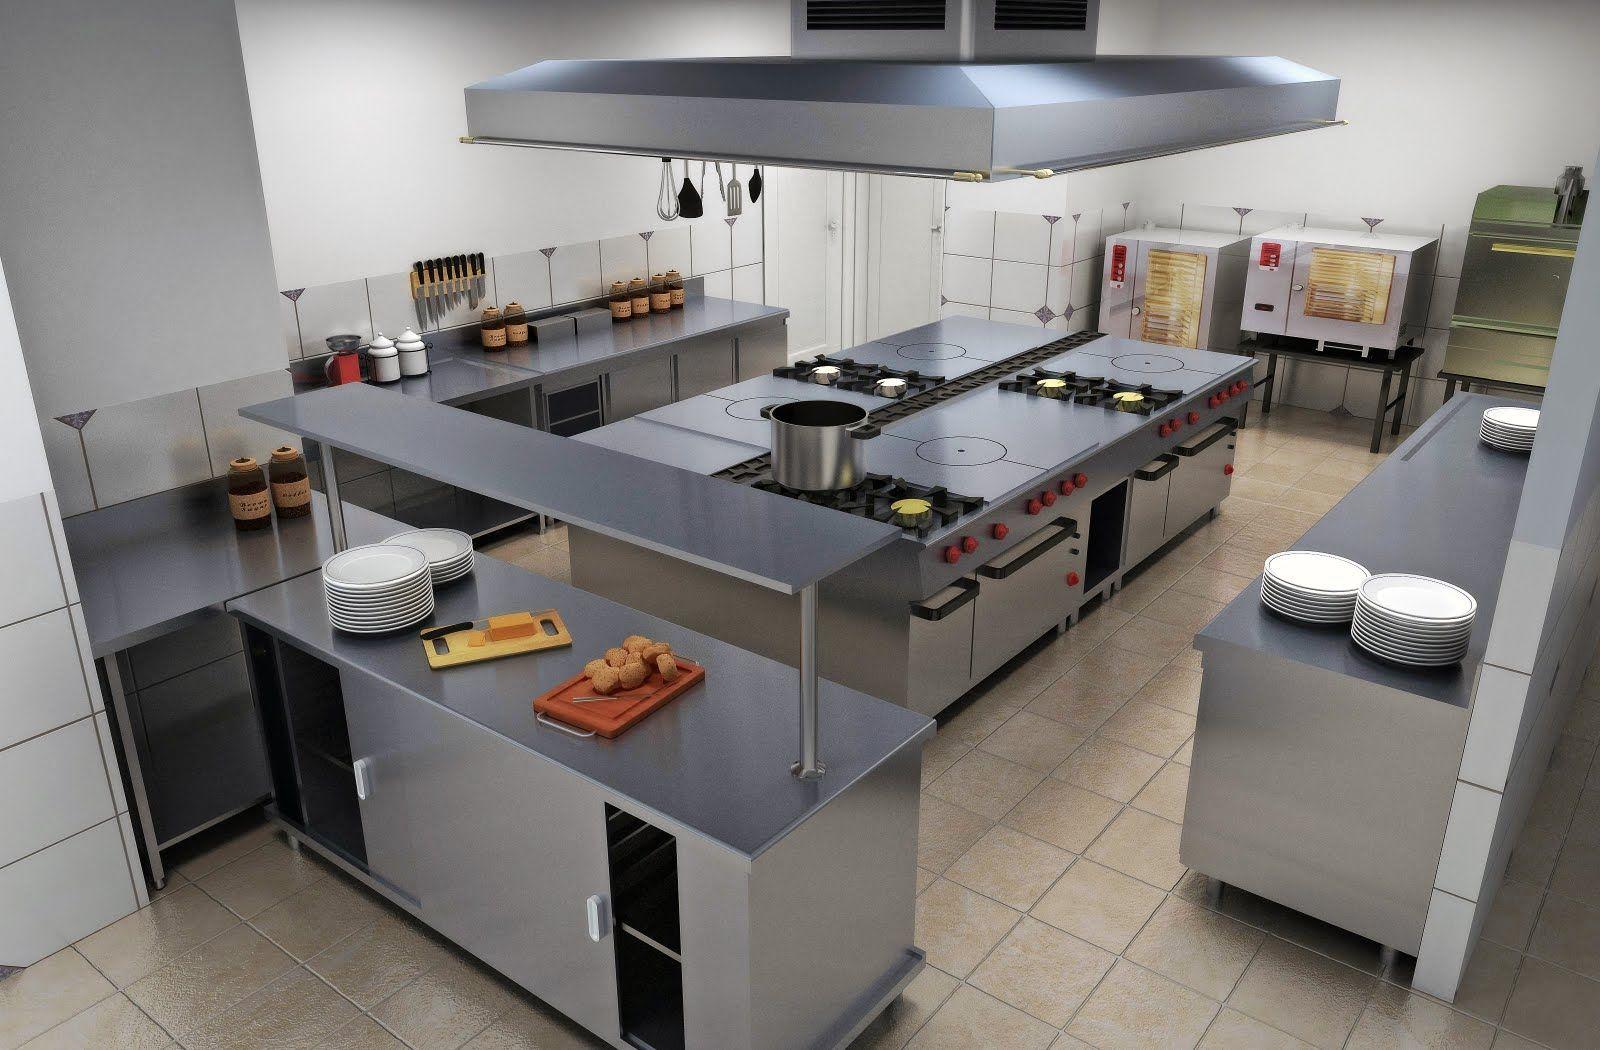 Imagenes de cocinas para restaurantes de b squeda for Modelos de restaurantes